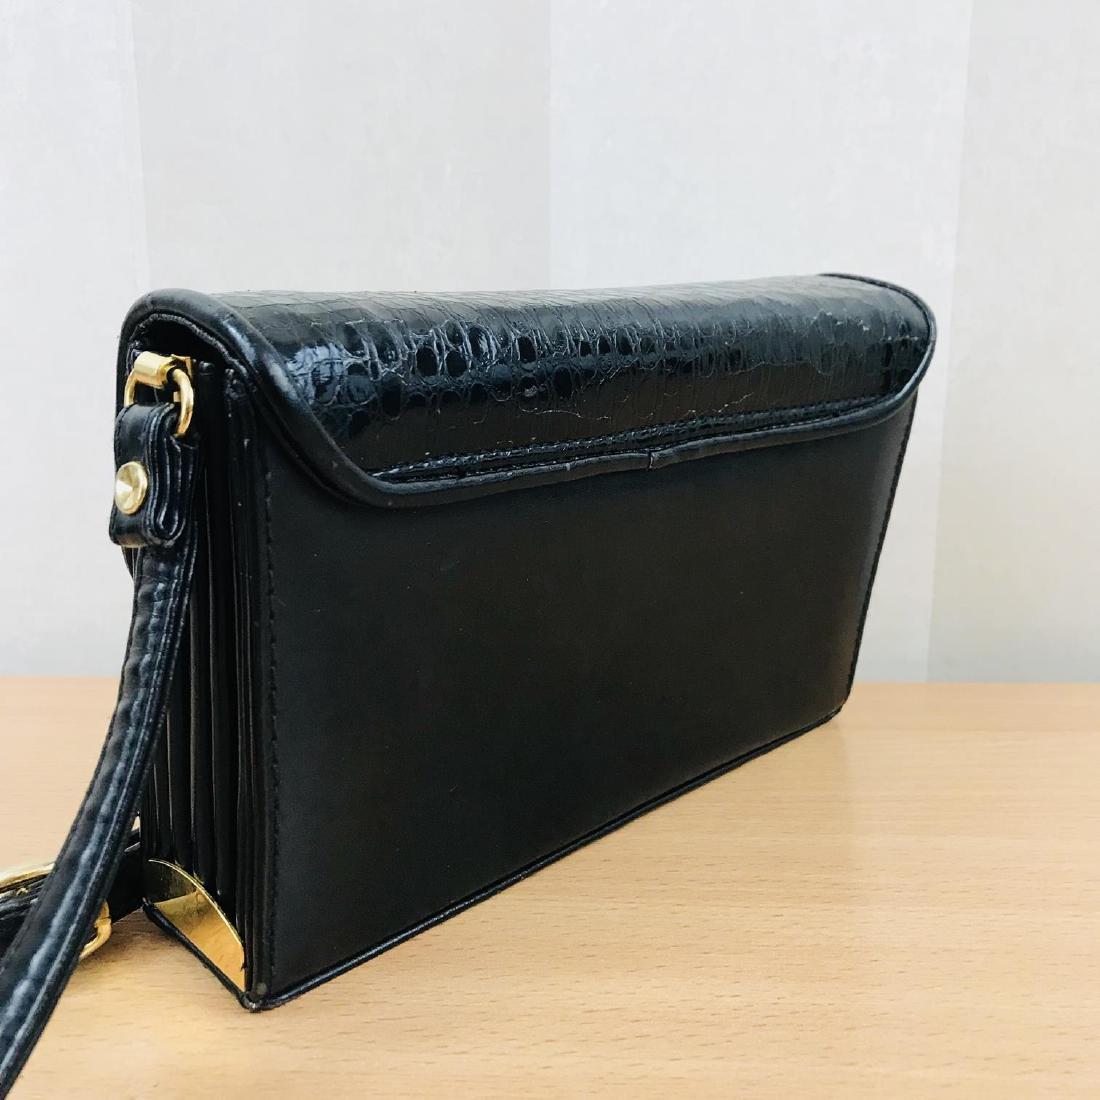 Vintage Handmade Genuine Snake Skin Leather Clutch Bag - 6